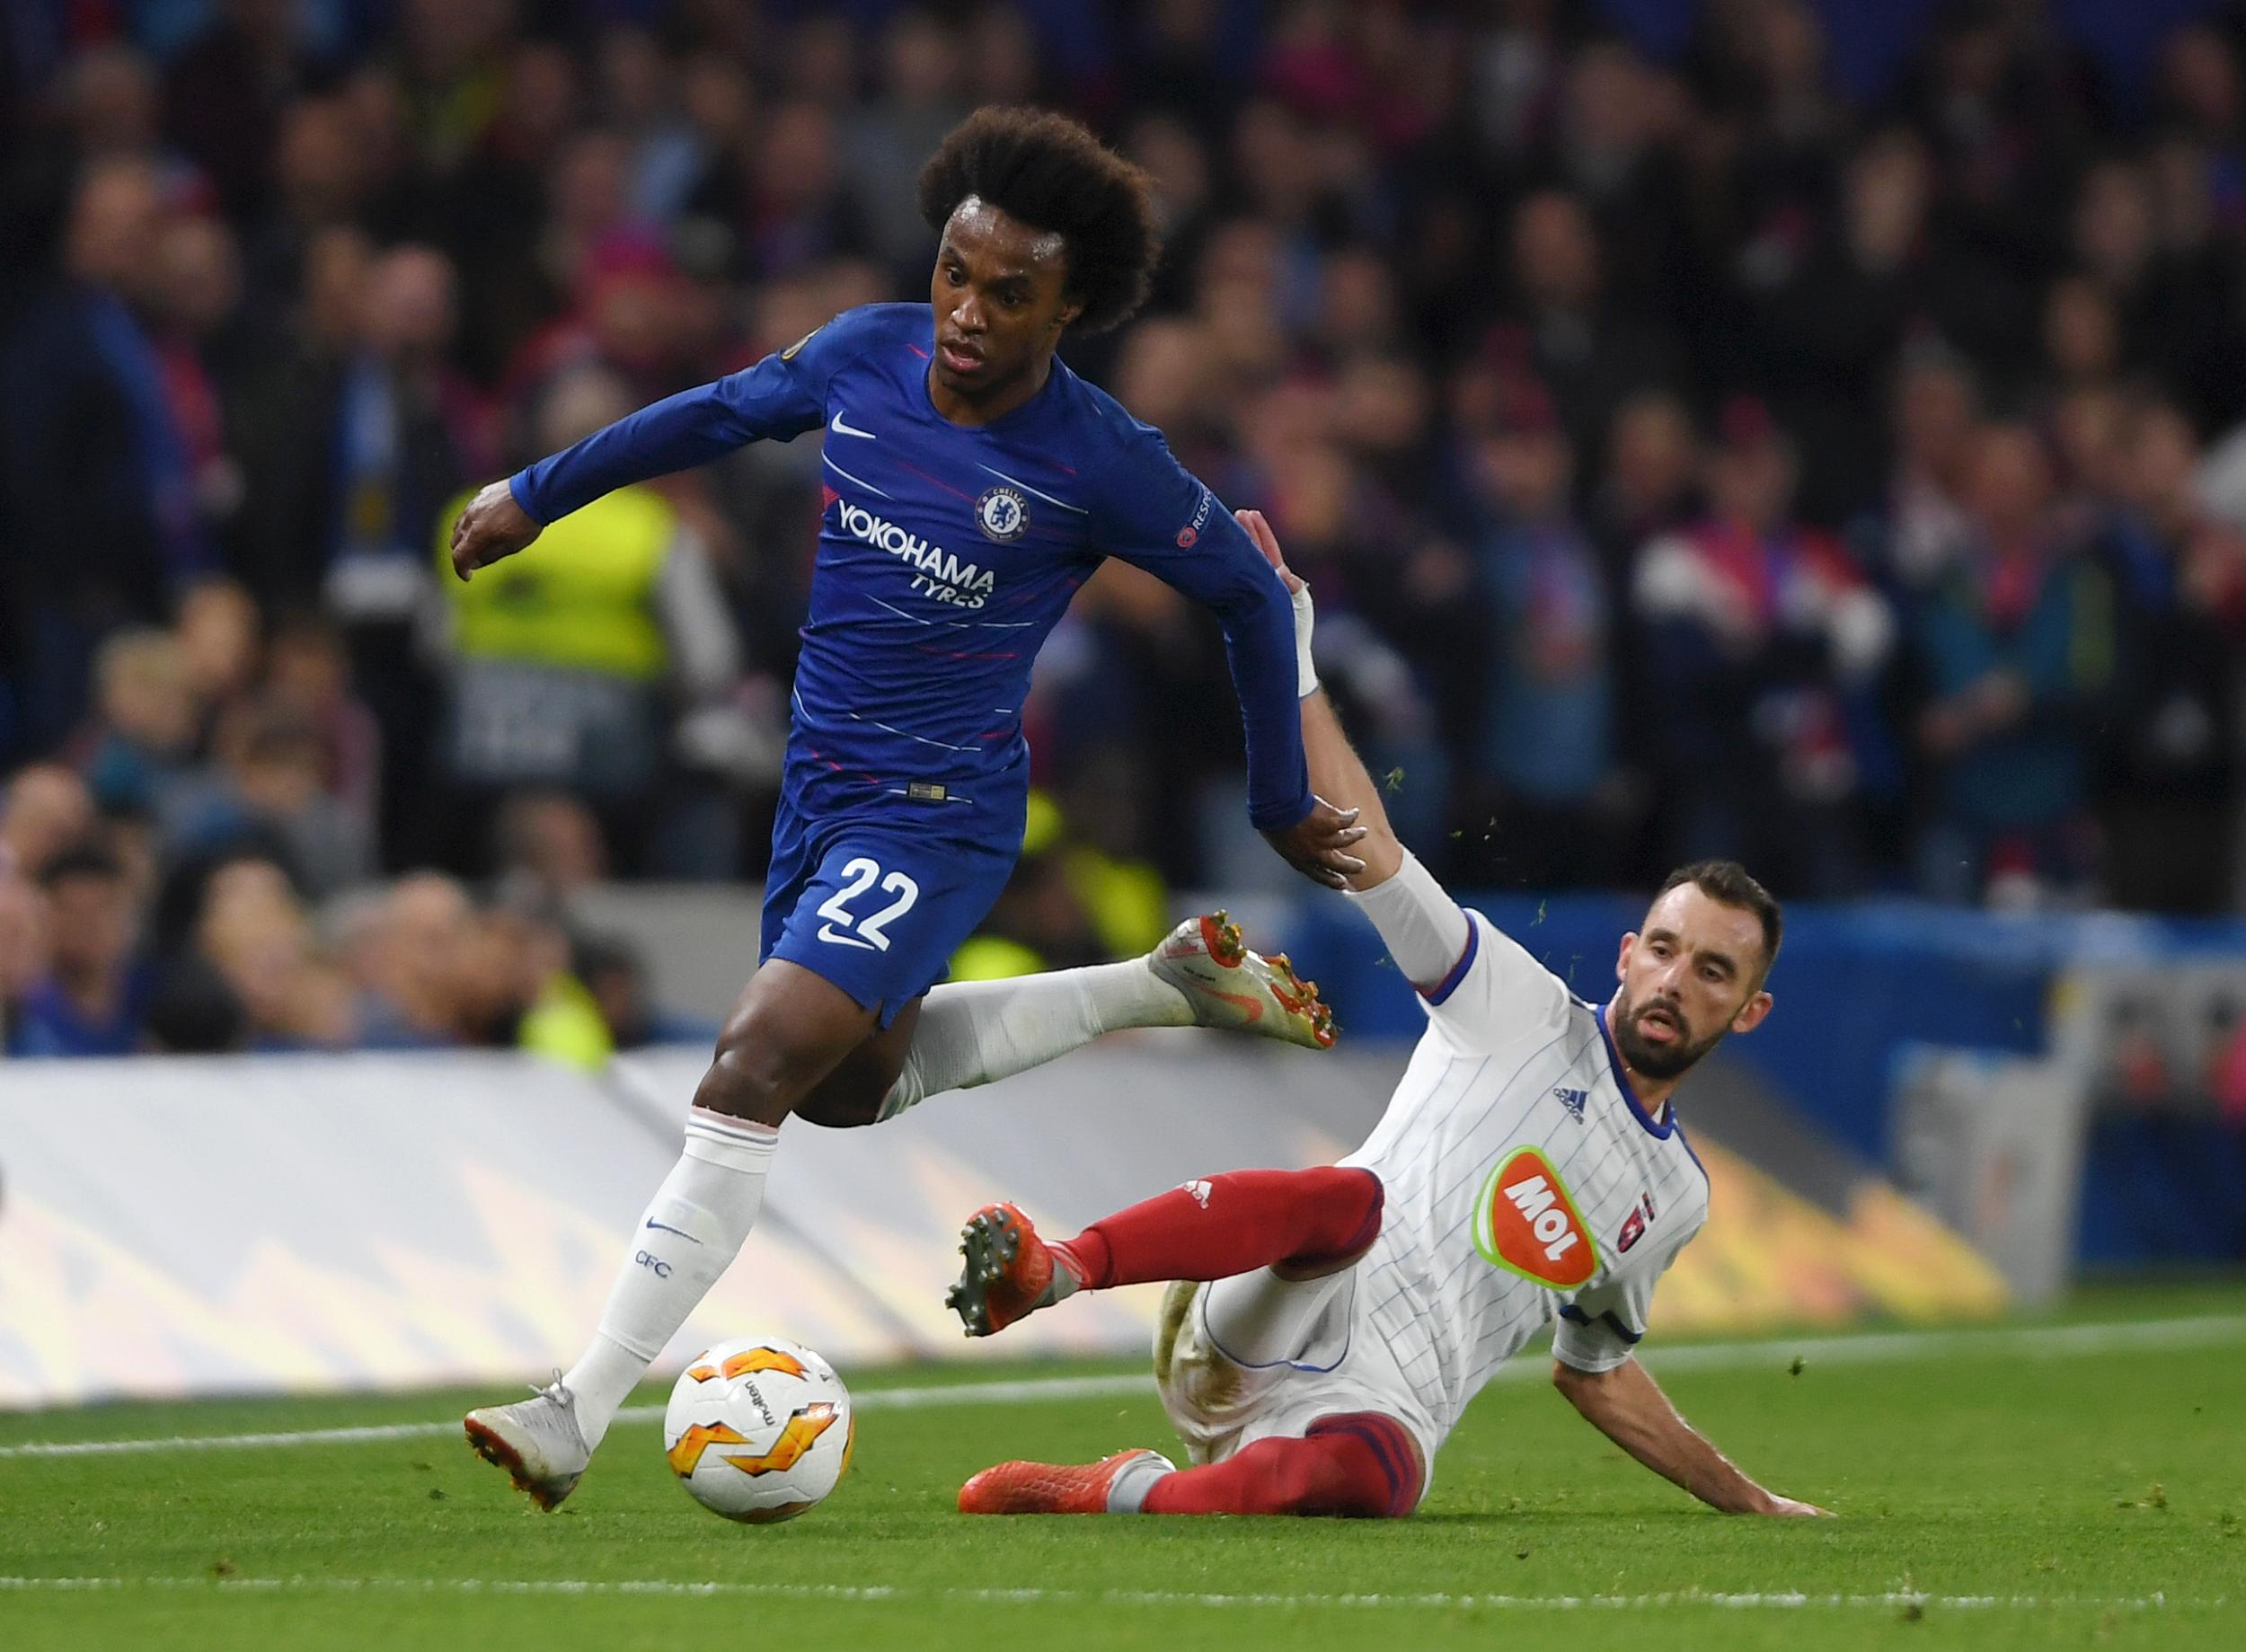 Kết quả bóng đá hôm nay 11/7: Bohemians 1-1 Chelsea